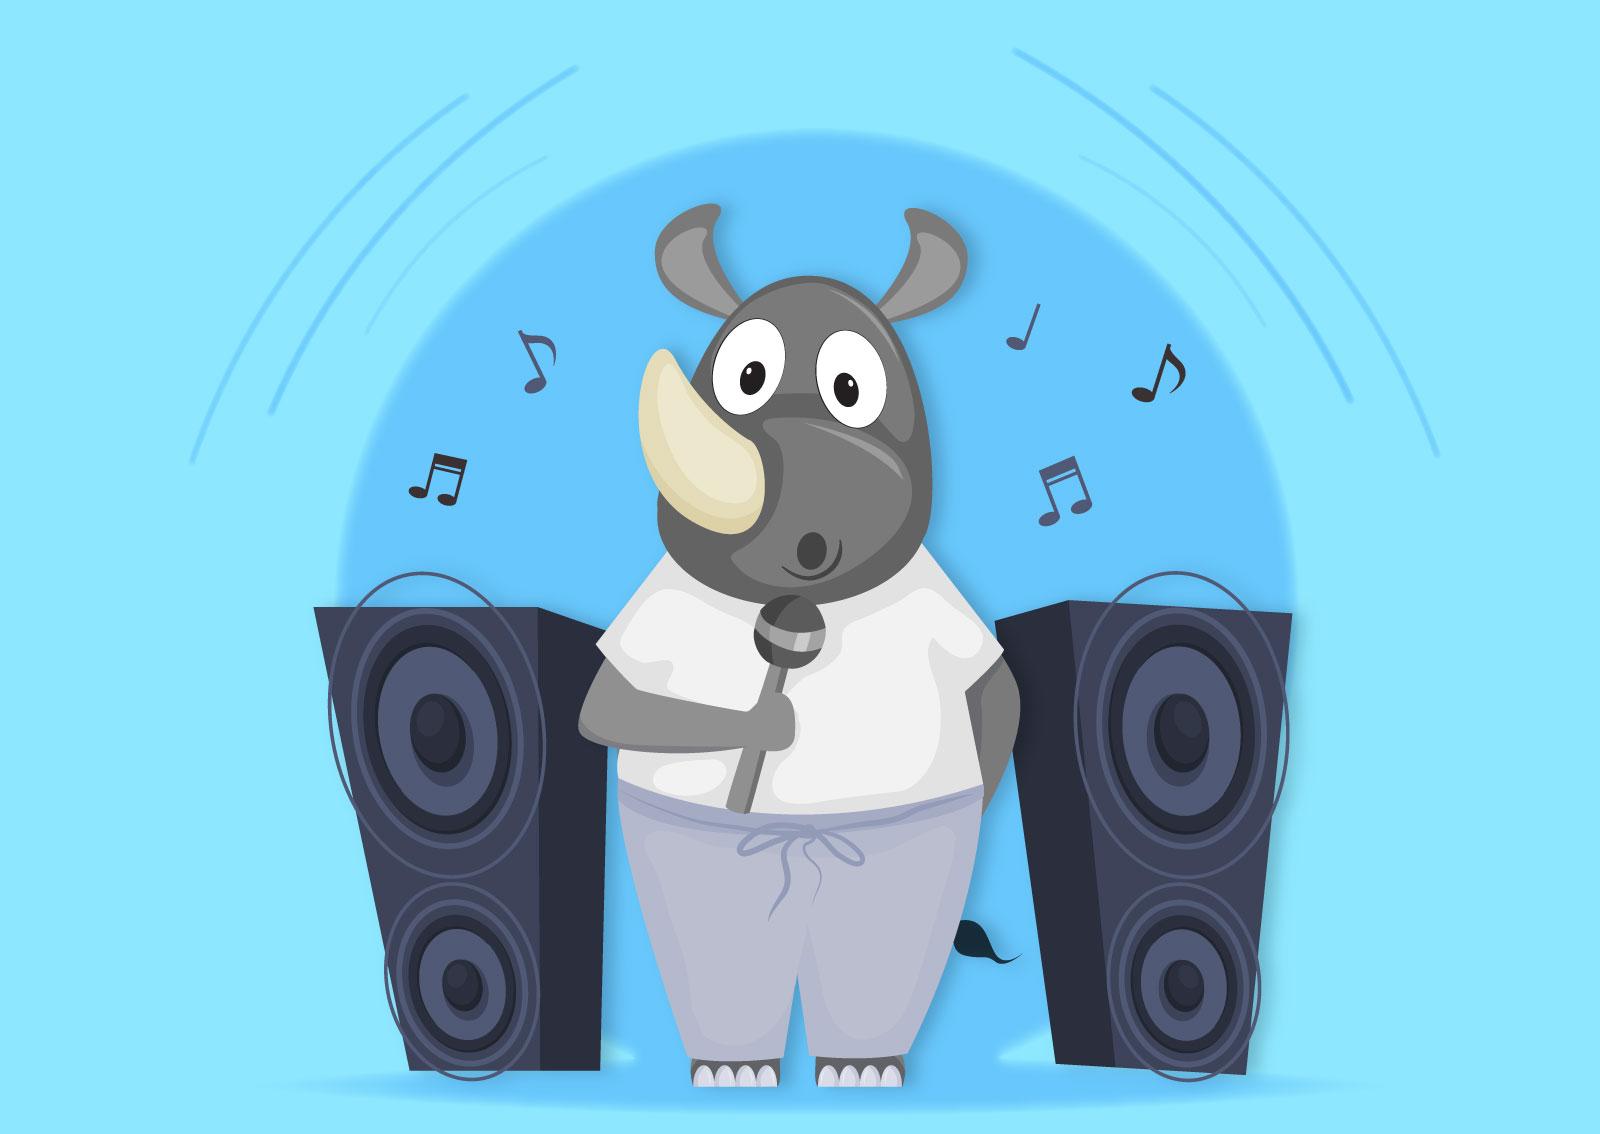 Ilustracija nosoroga koji peva, a zvučnici su pojačani na maksimum i šire njegov dobar glas